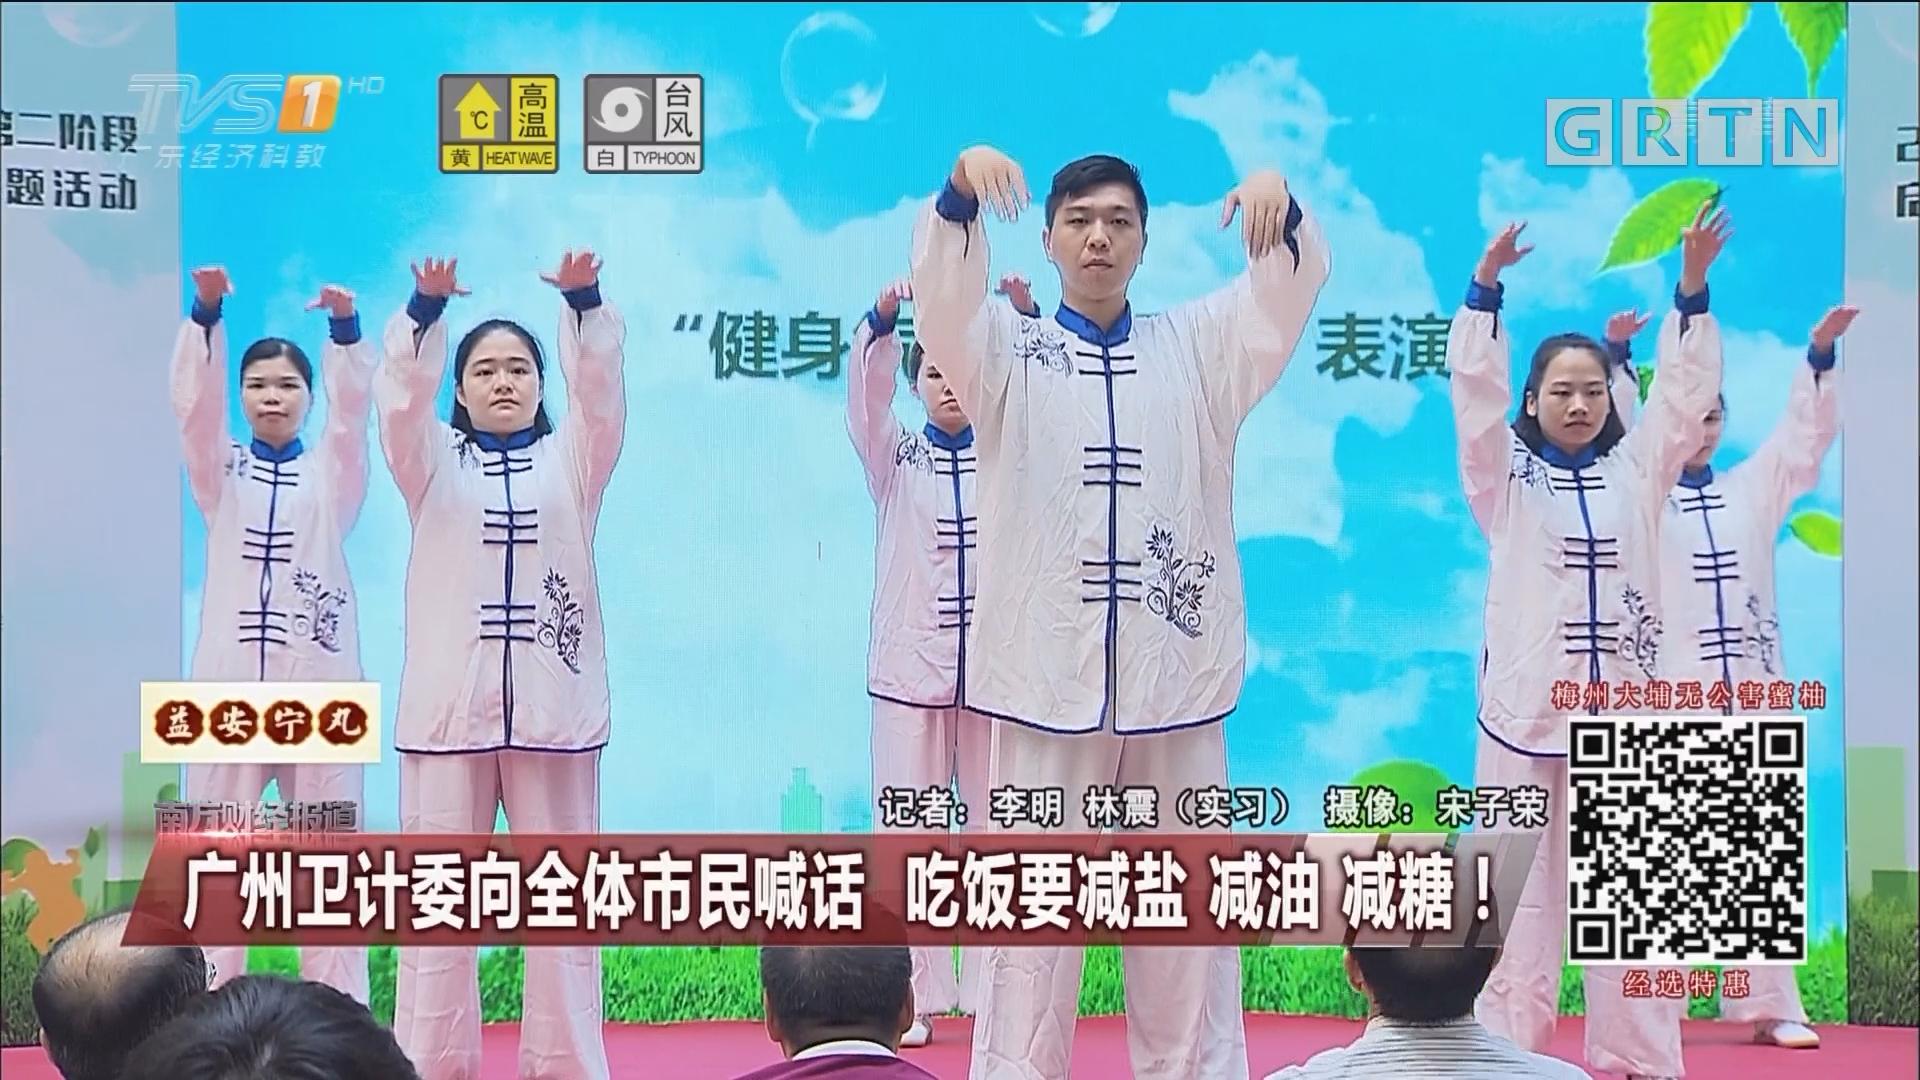 广州卫计委向全体市民喊话 吃饭要减盐 减油 减糖!